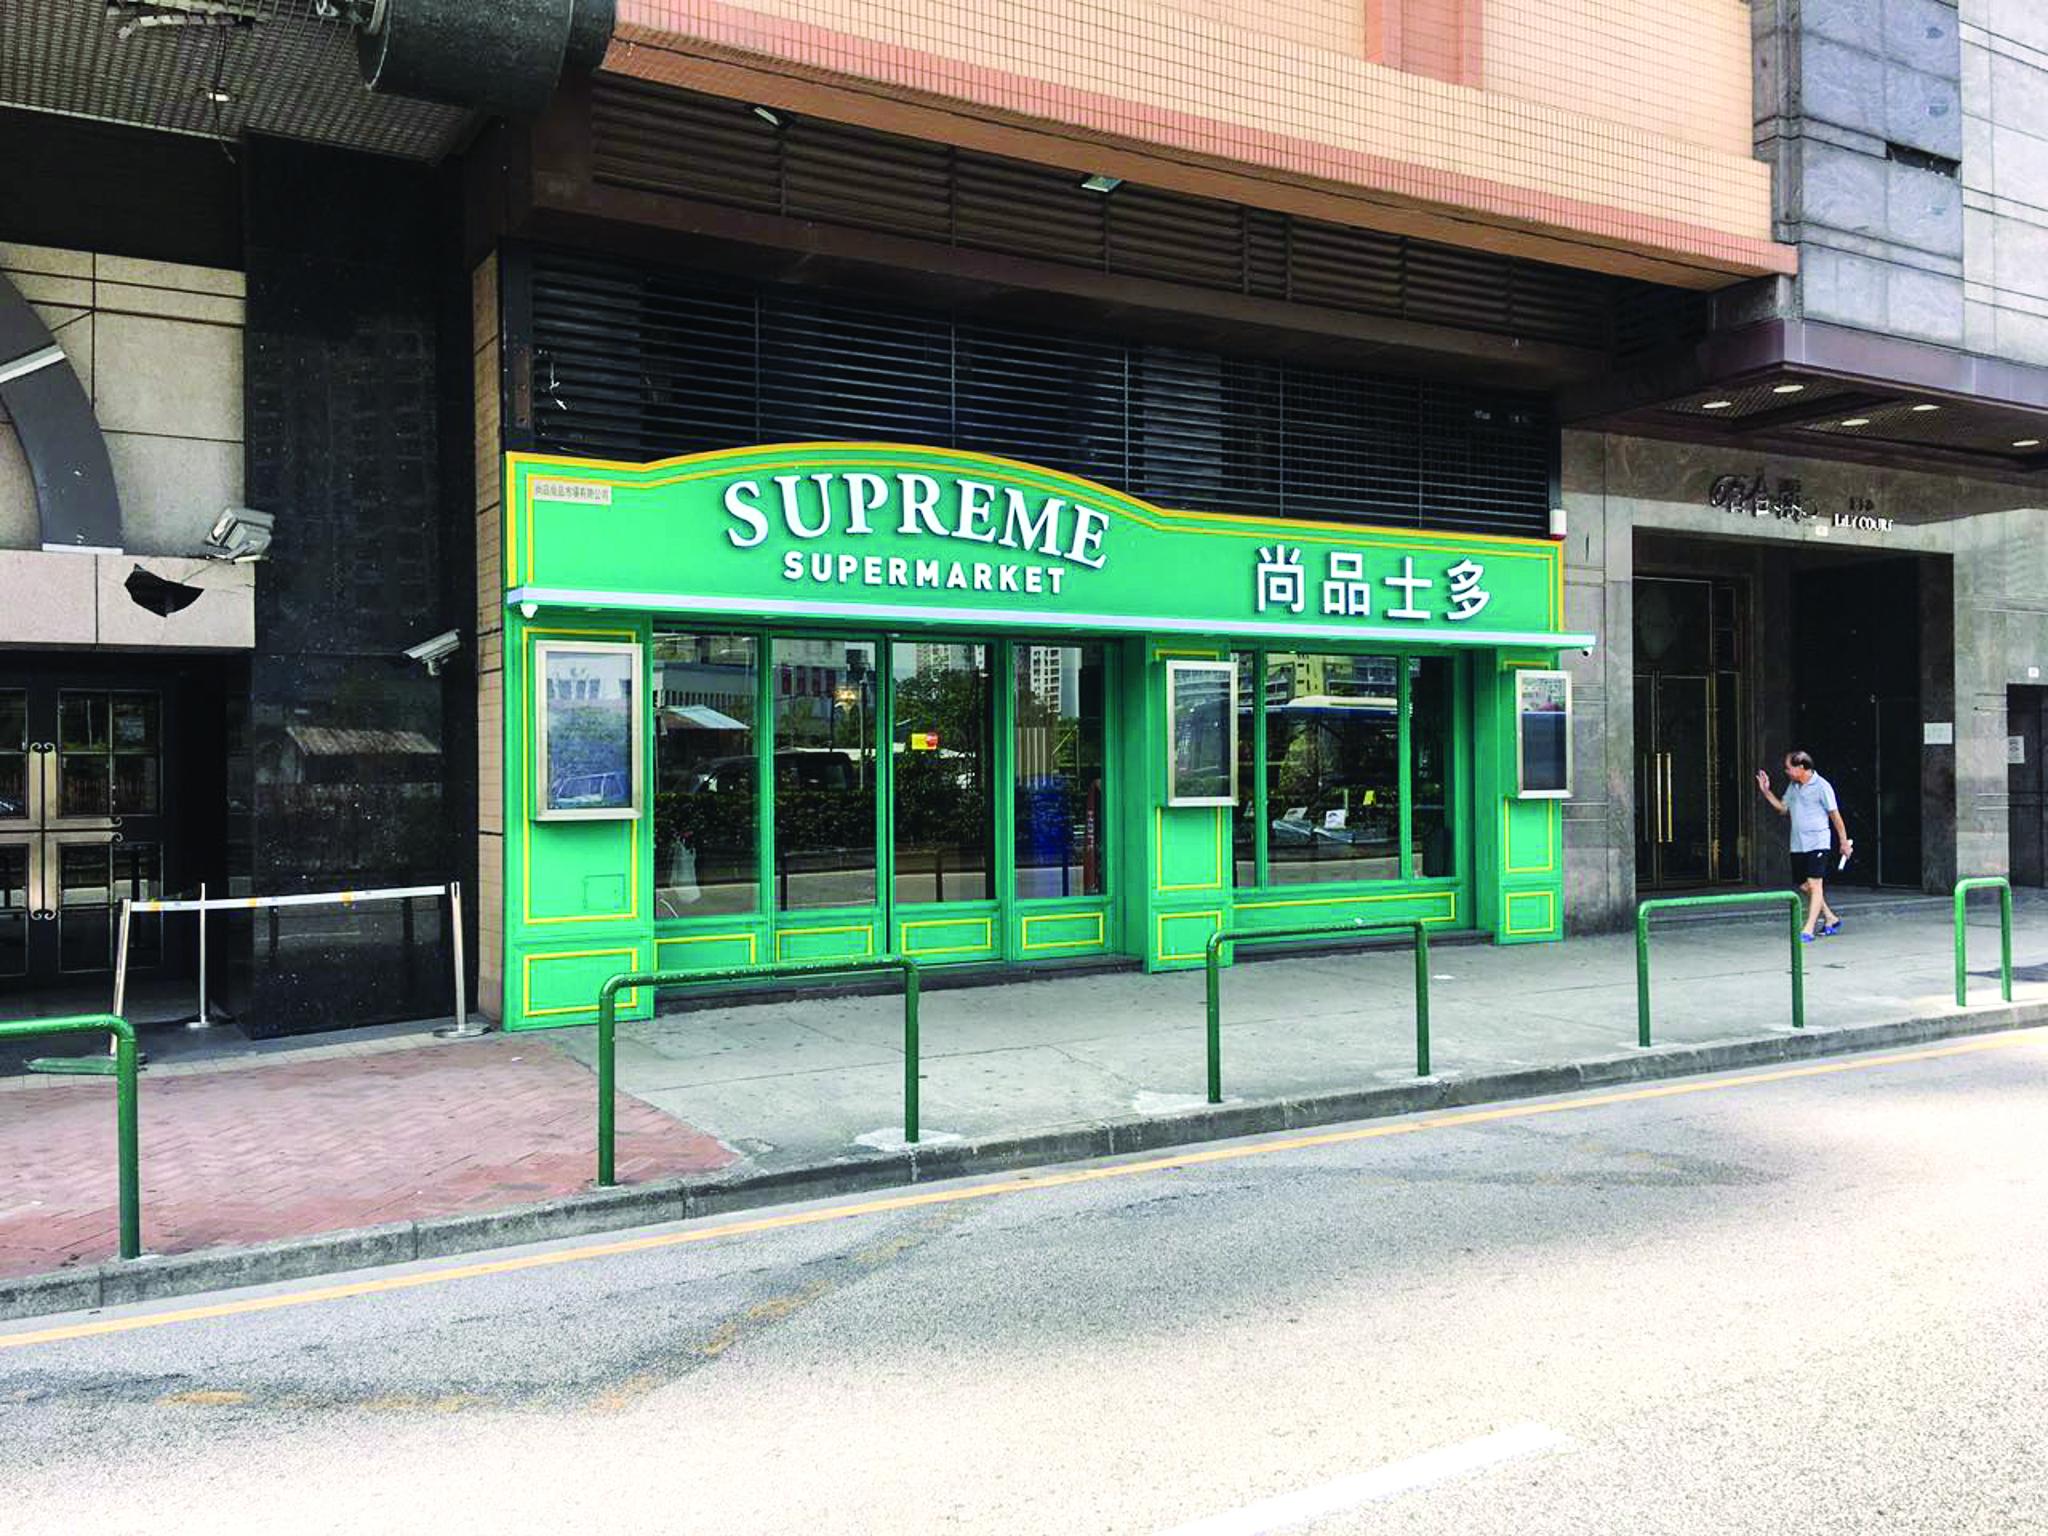 Supreme, supermercado | A nova mercearia do bairro